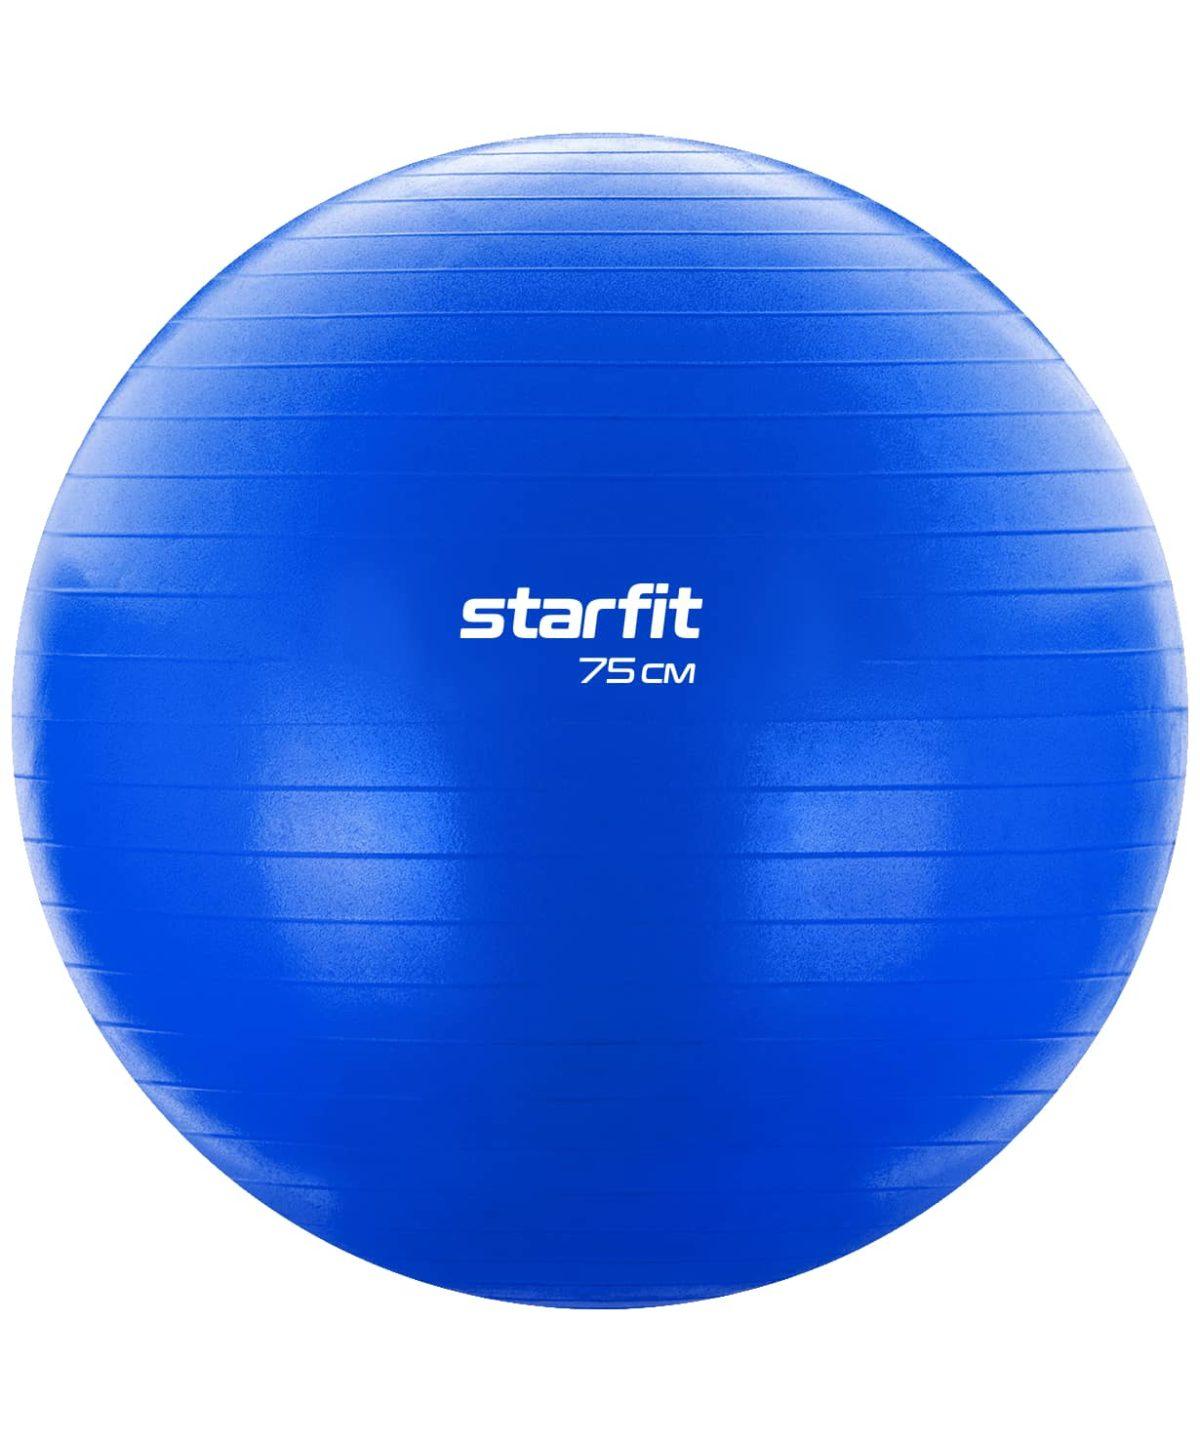 STARFIT Фитбол антивзрыв 75 см 1200 гр, без насоса GB-104: темно-синий - 1